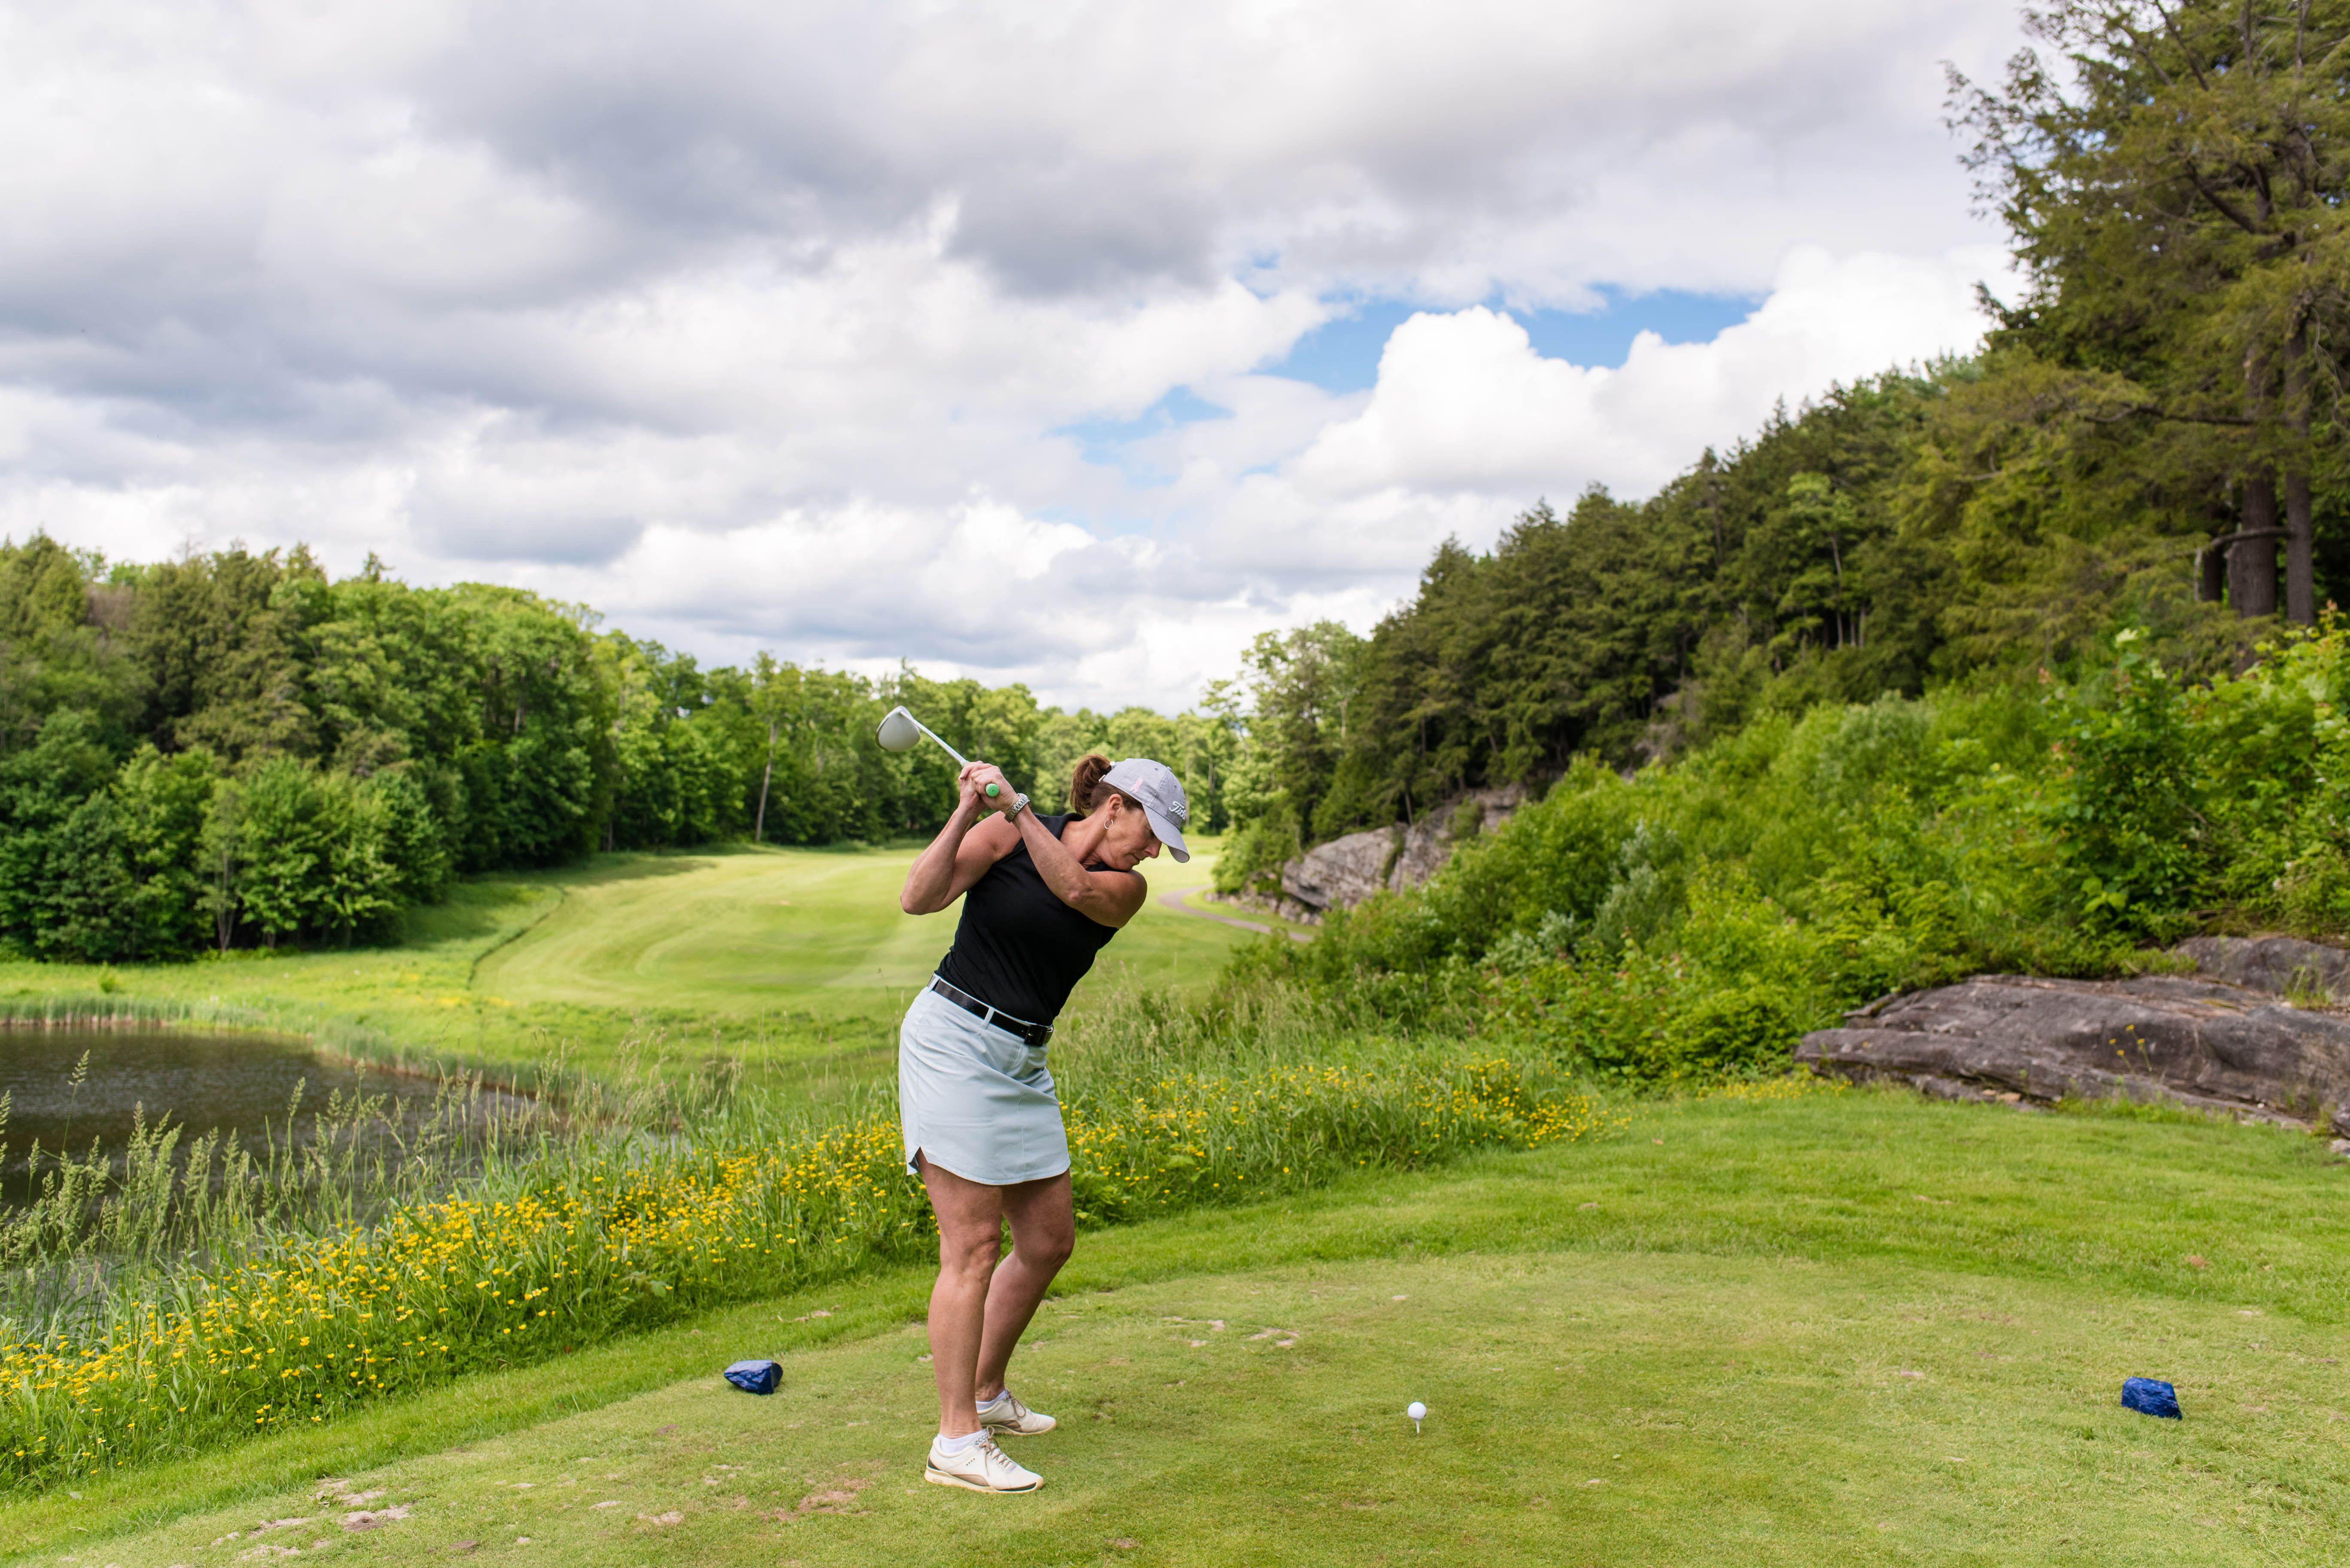 Golfing at Deerhurst Resort in Muskoka, ON. Resort